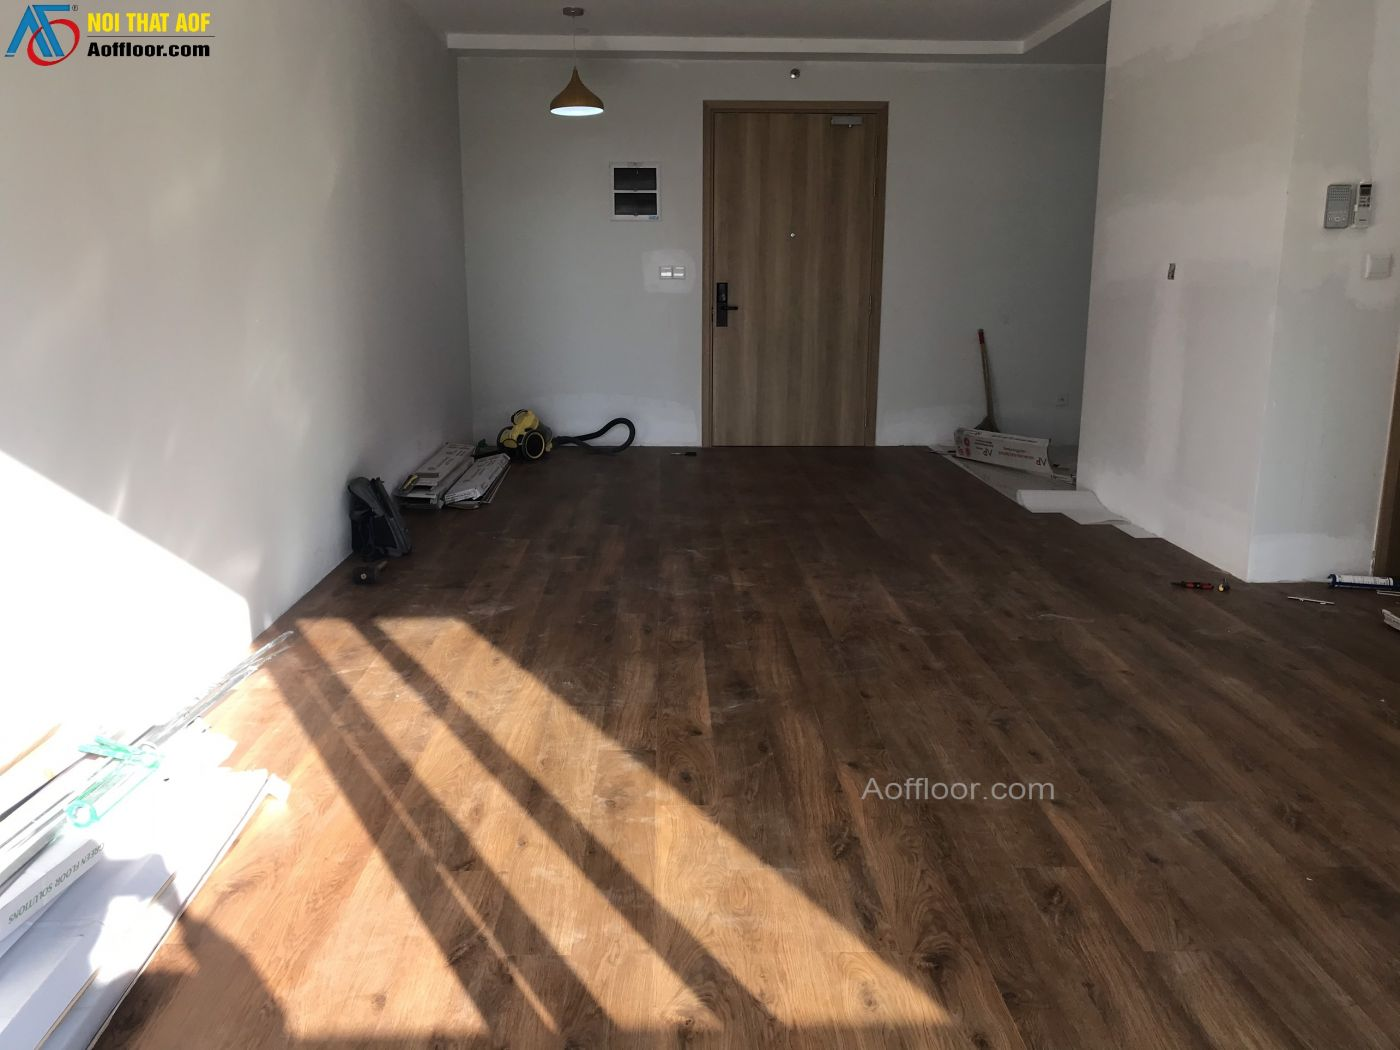 Thi công sàn nhựa hèm khoá AP - 4902 tại chung cư Celadon City